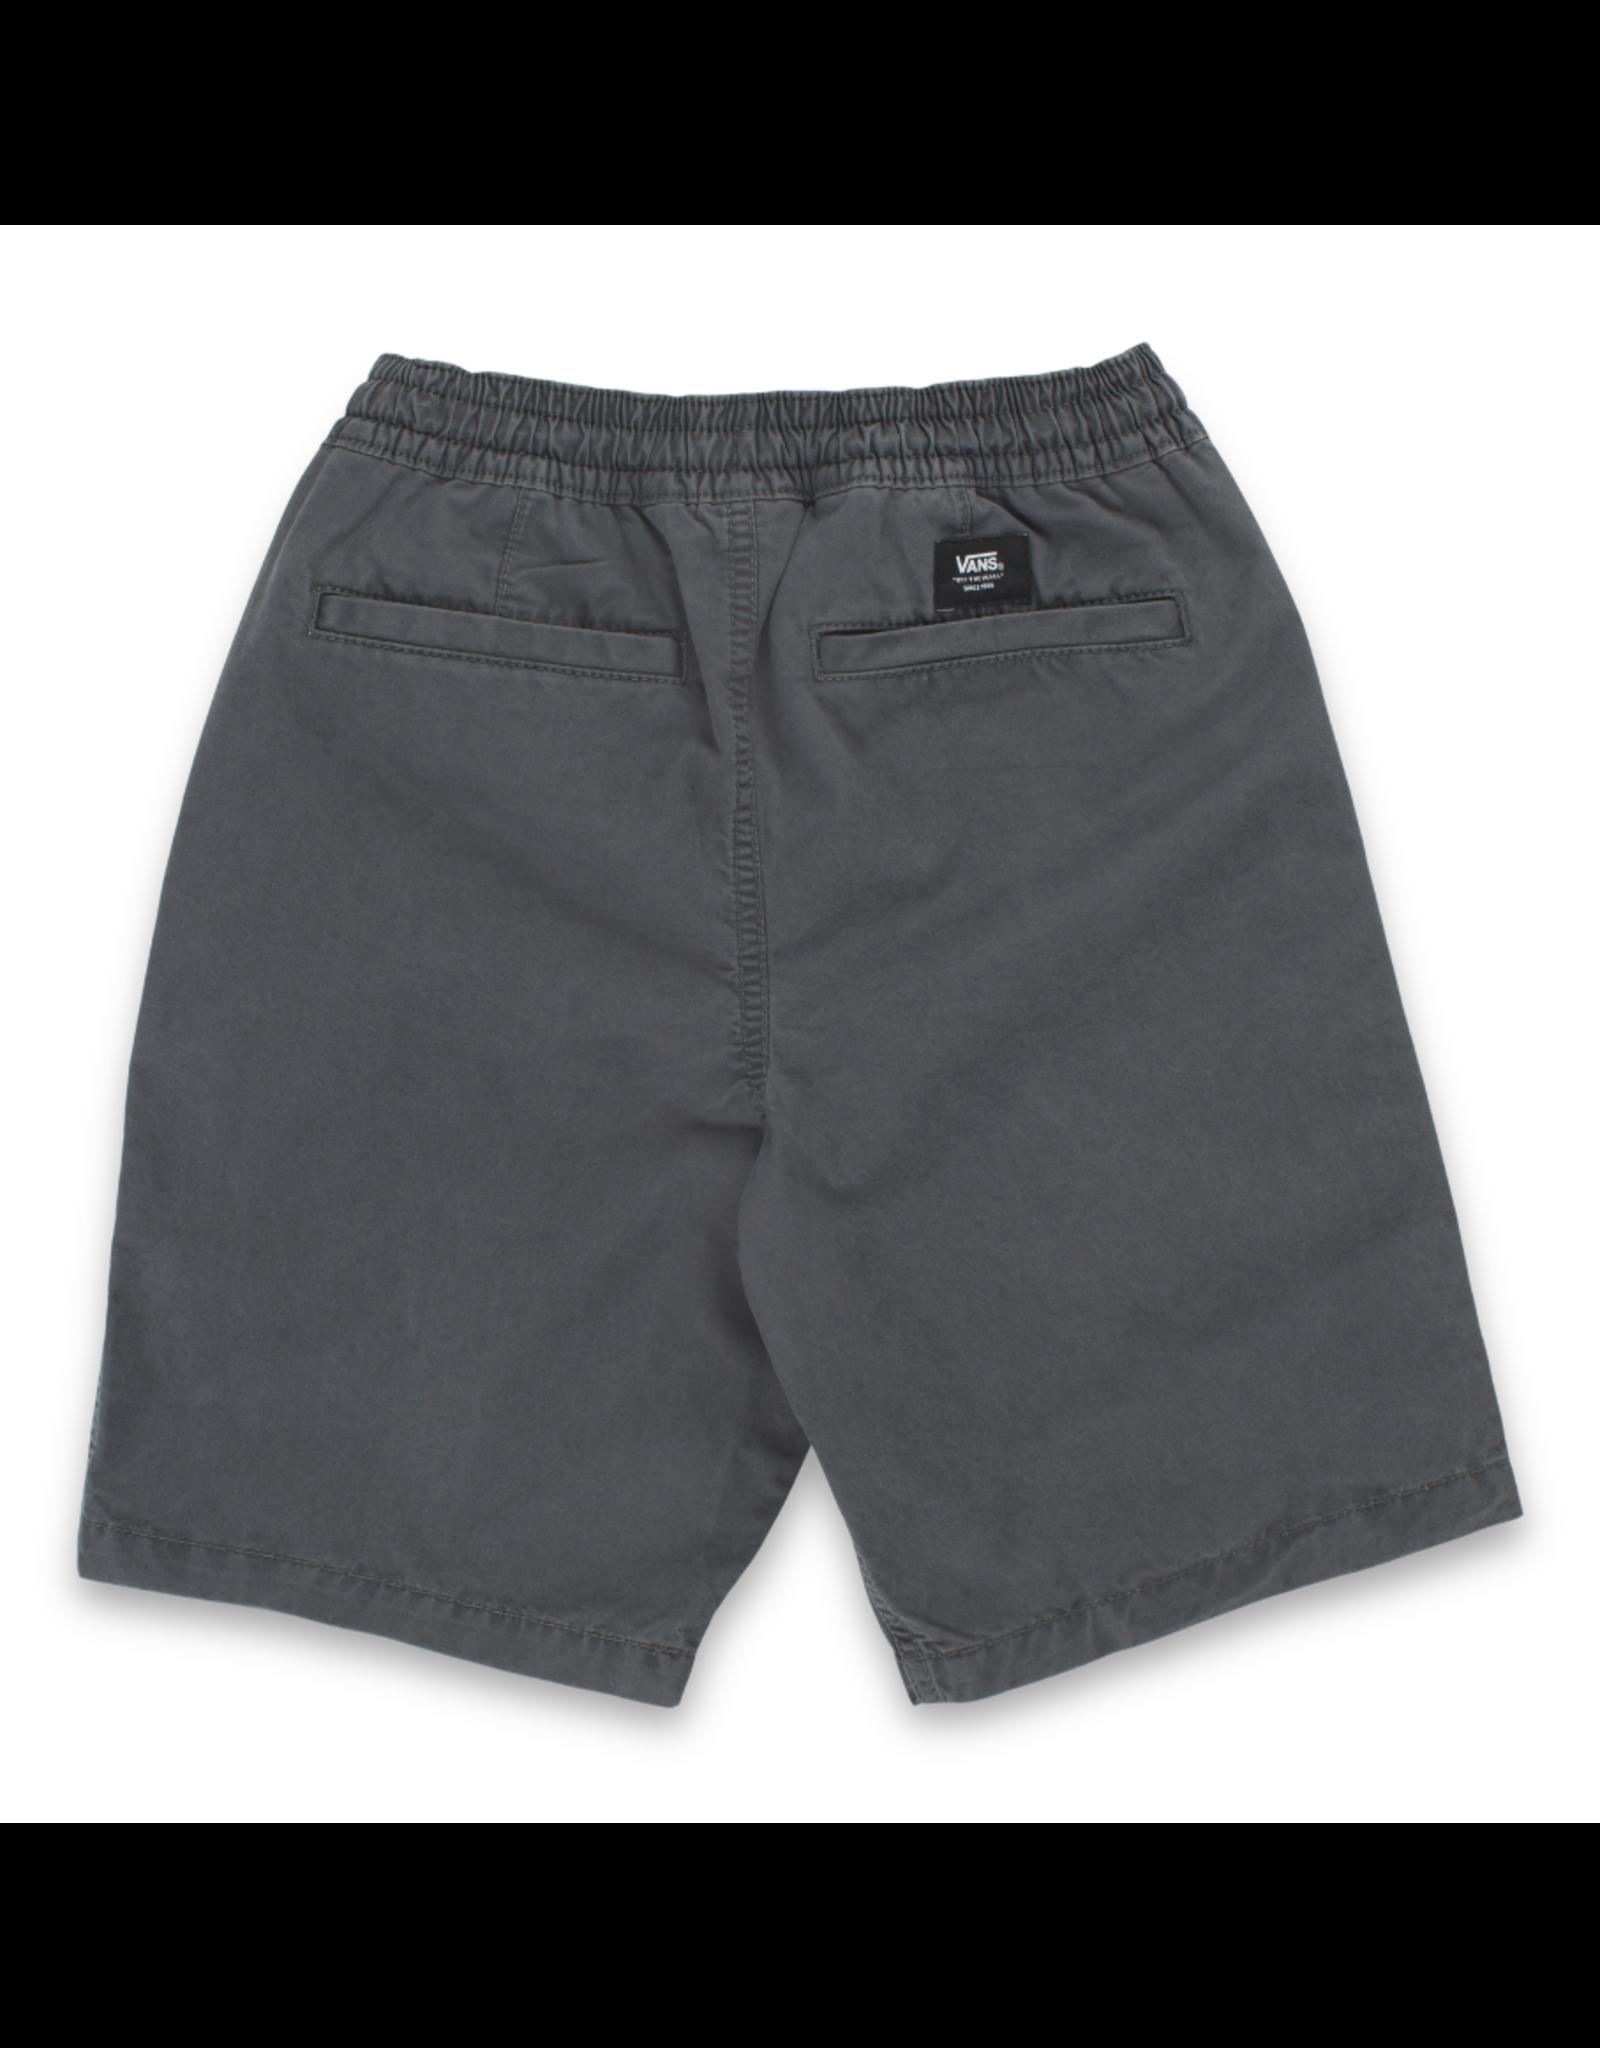 """Vans Range Salt Wash 18"""" Shorts - Asphalt"""